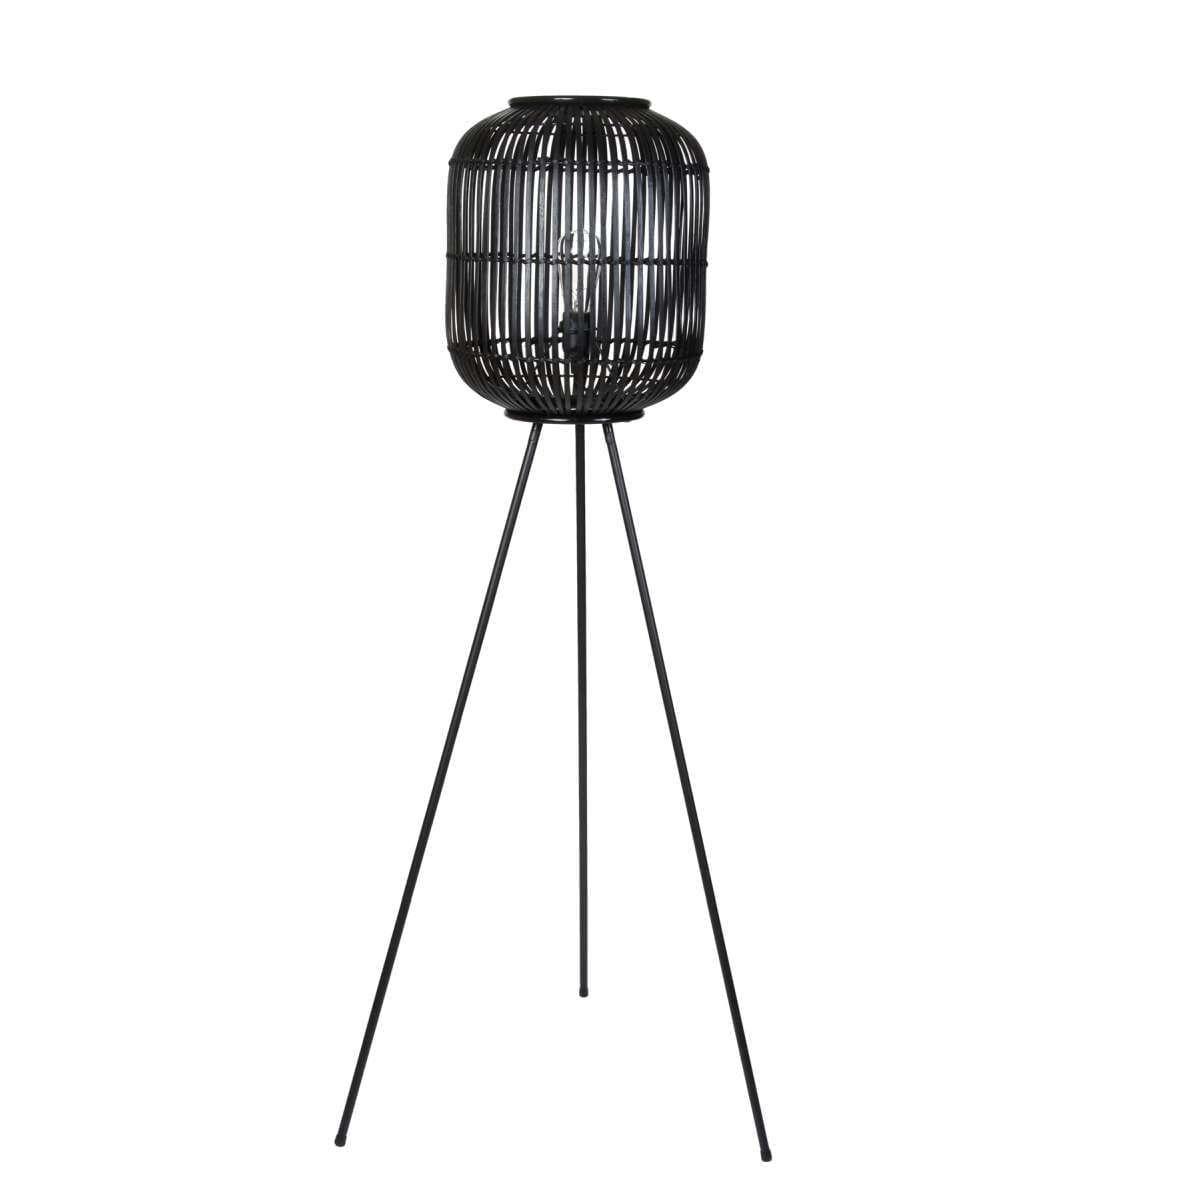 Επιδαπέδιο Φωτιστικό, Μπαμπού, Φ36x141εκ., Μαύρο, Art Et Lumiere